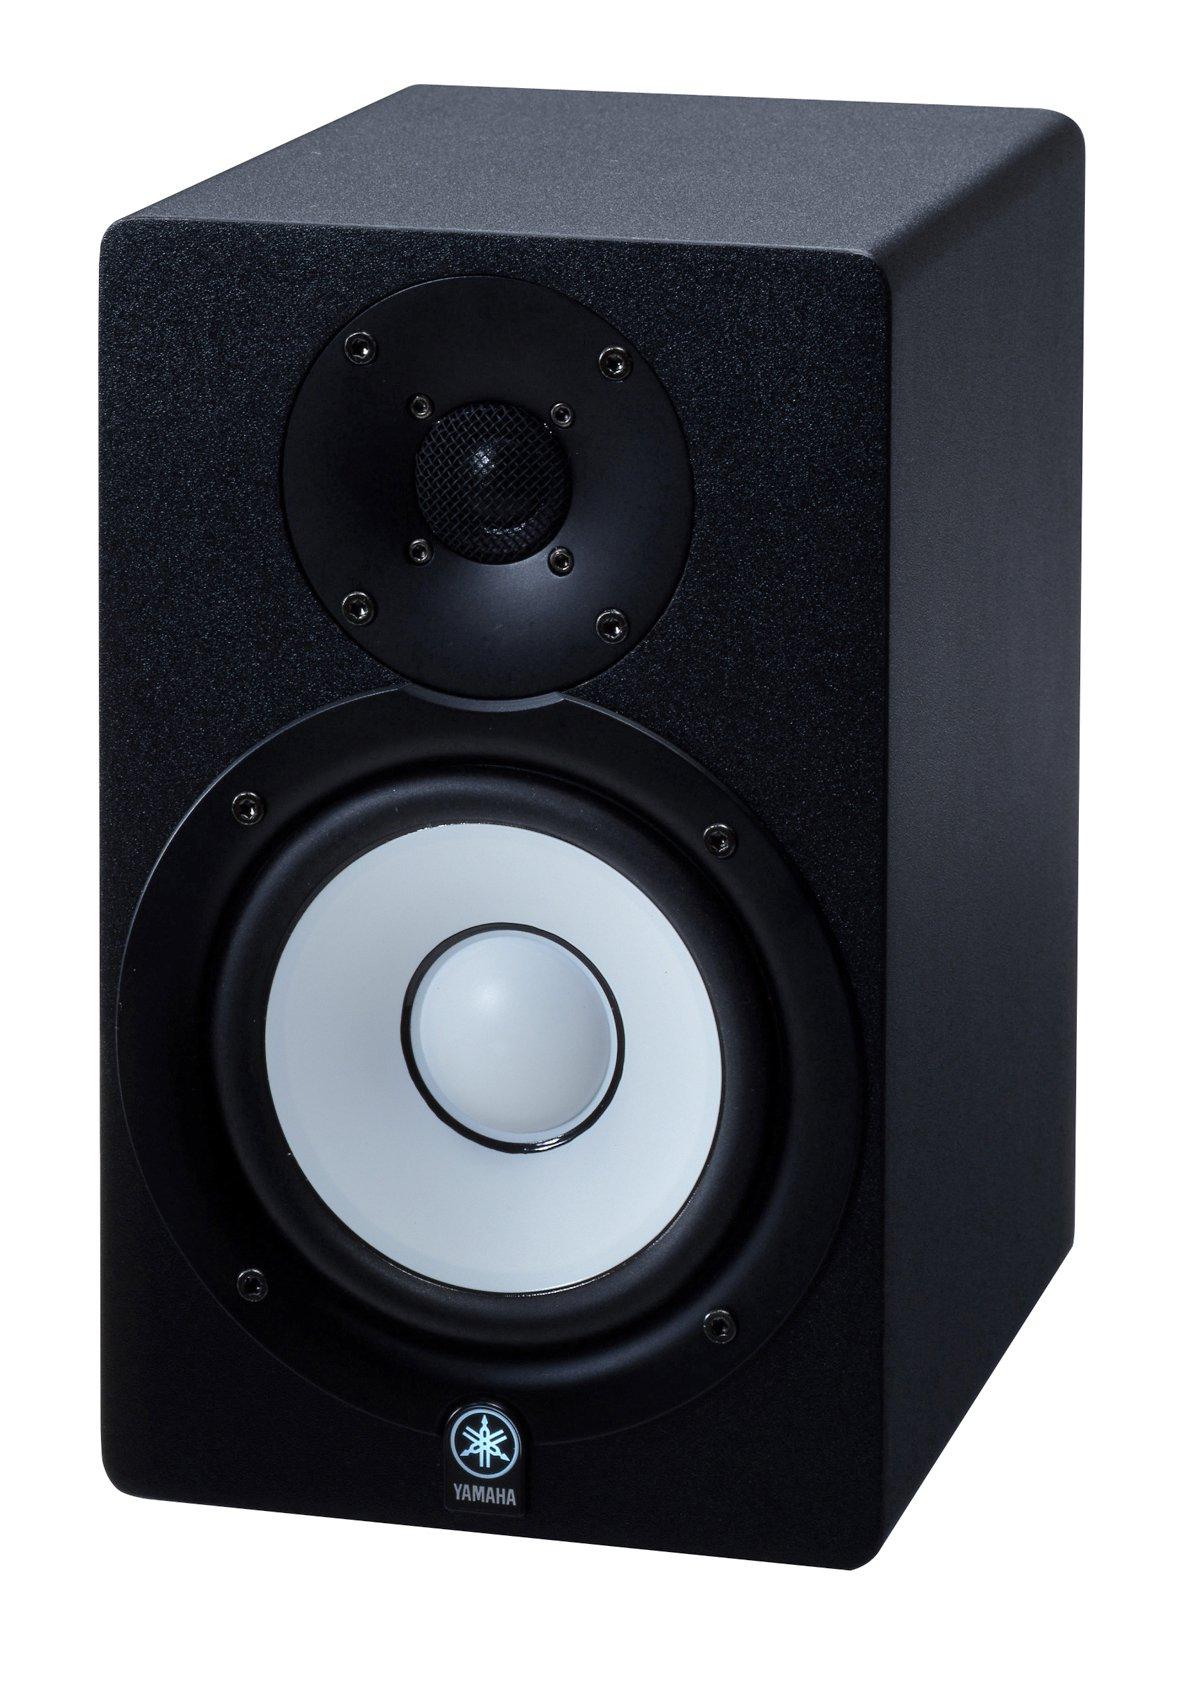 Yamaha HS-7 :